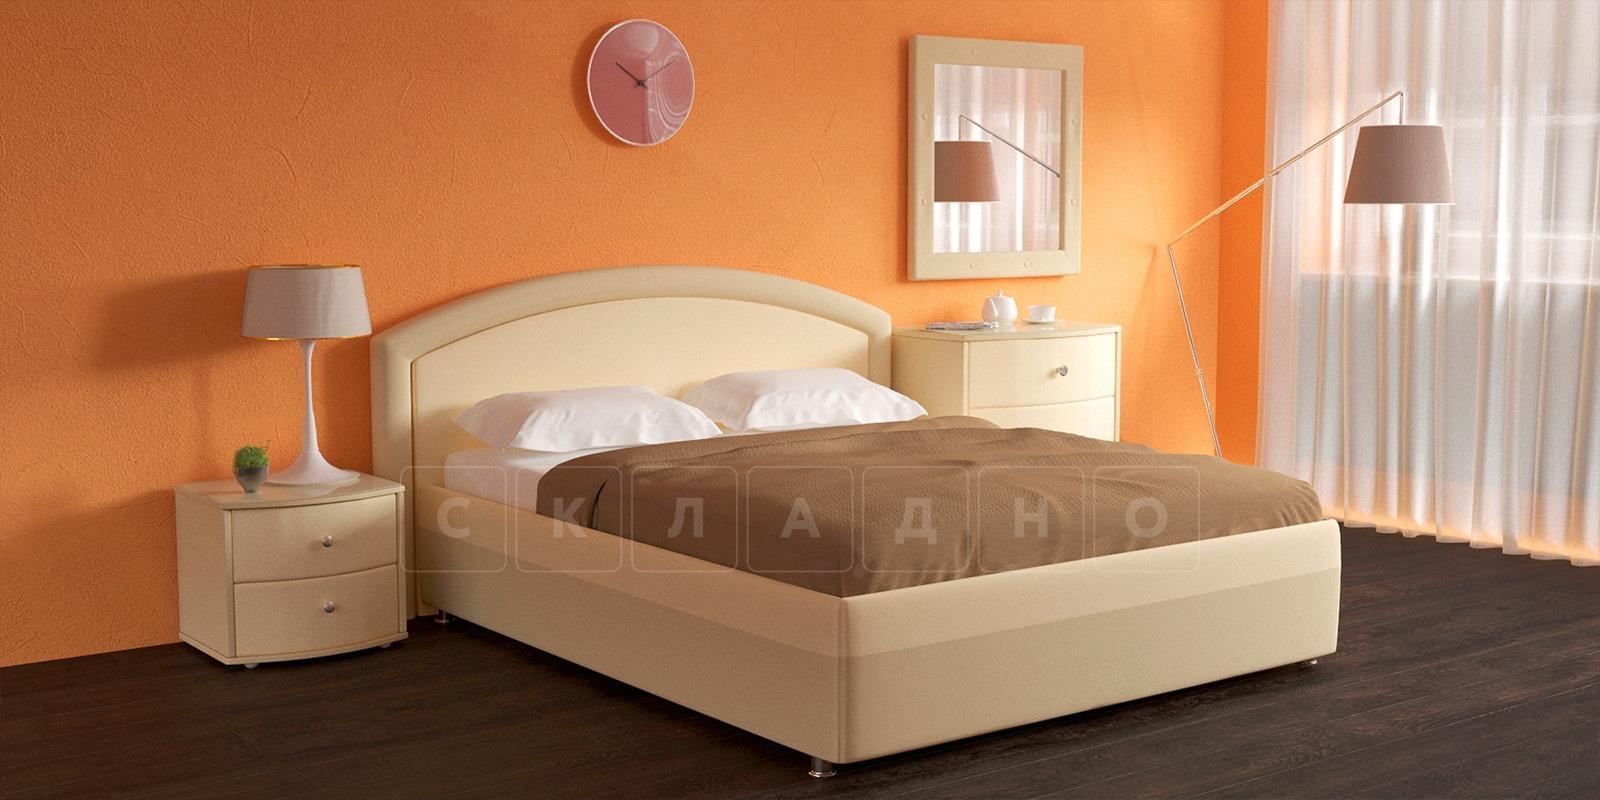 Мягкая кровать Малибу 160см экокожа бежевый вариант 8-2 фото 2 | интернет-магазин Складно